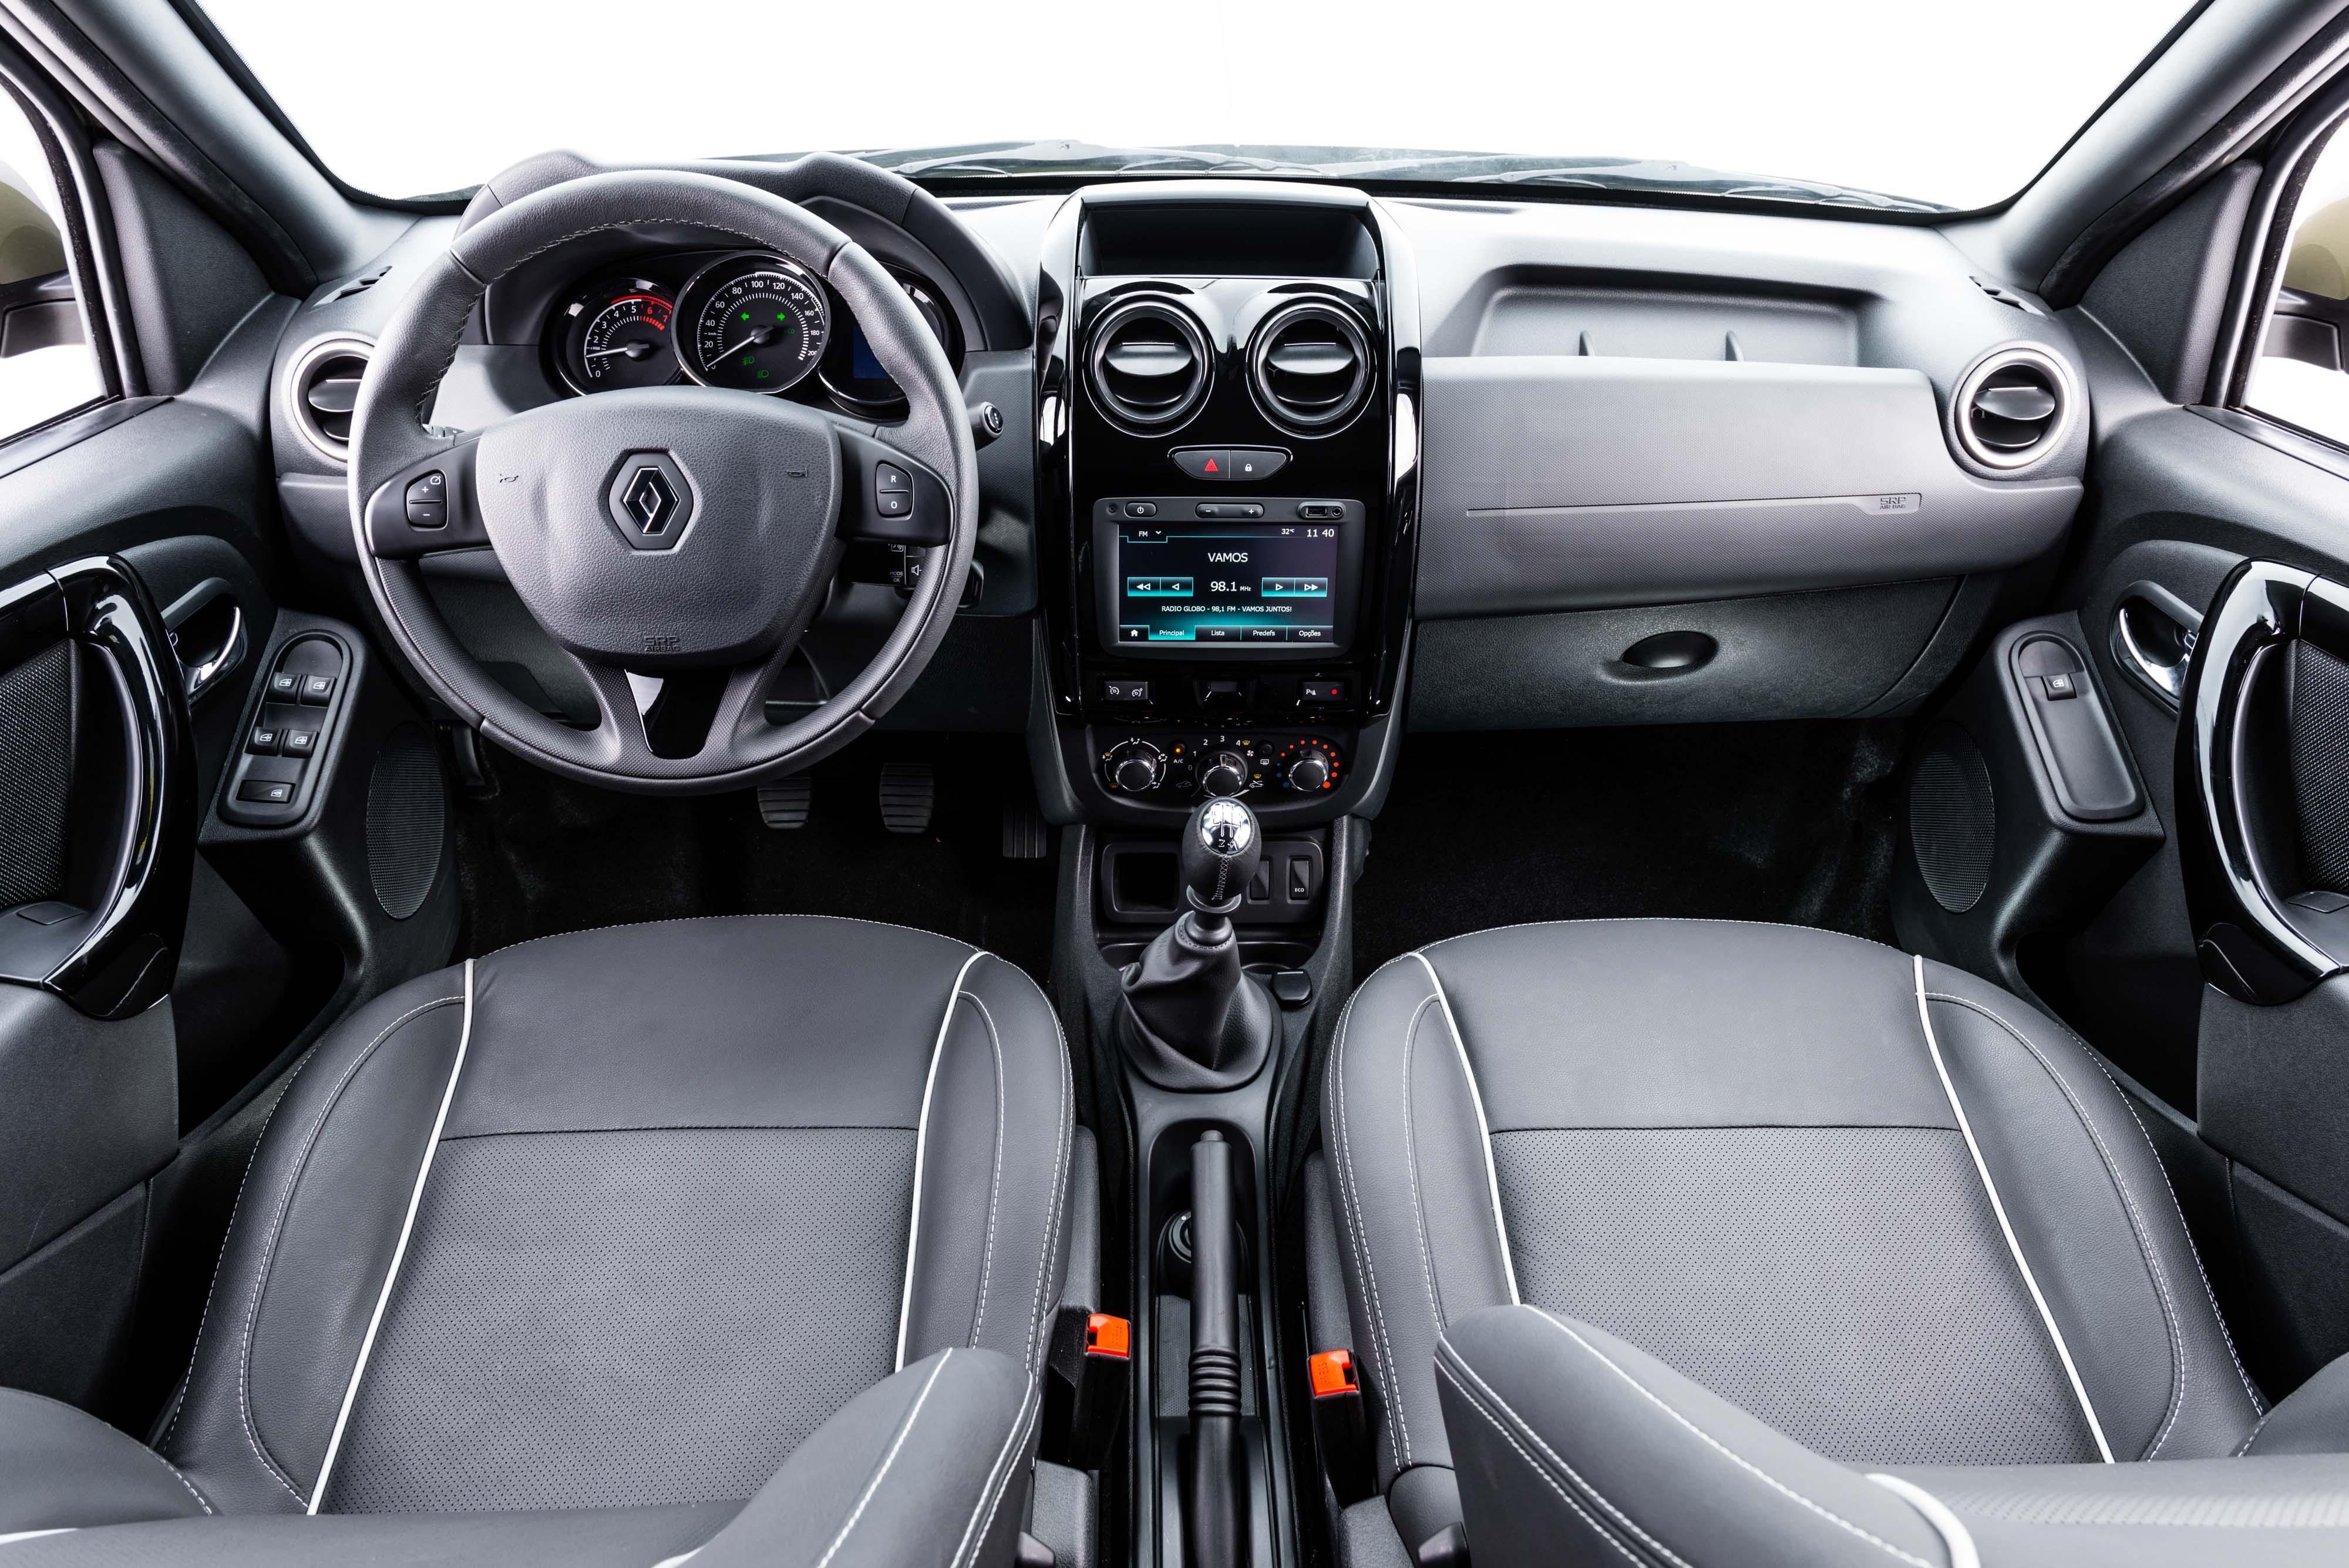 Interior é simples, mas versão Dynamique já traz central com GPS e piloto automático